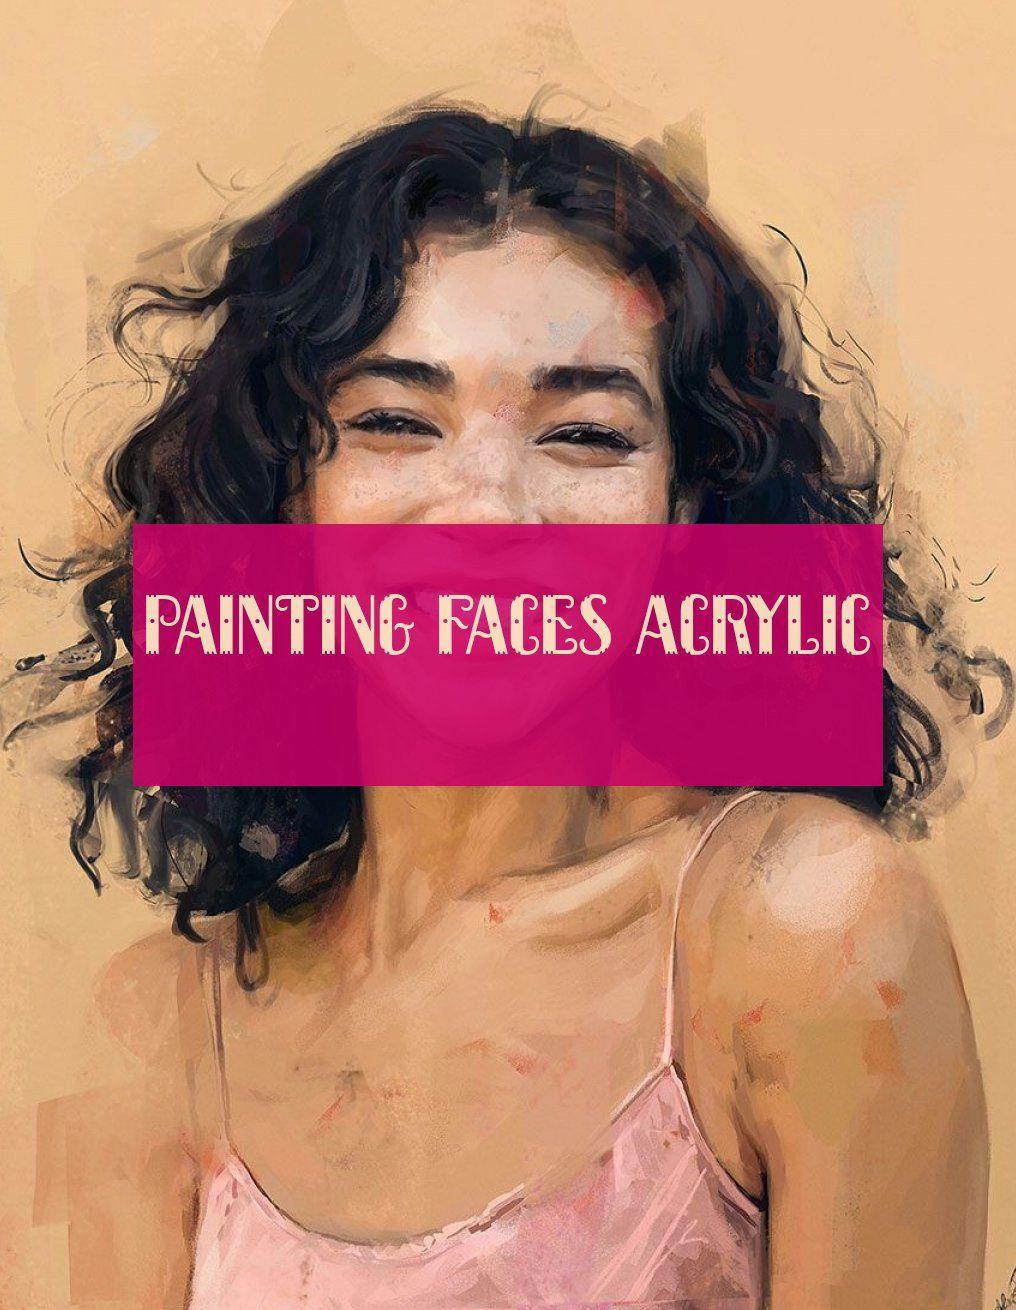 Painting Faces Acrylic Malerei Steht Acryl